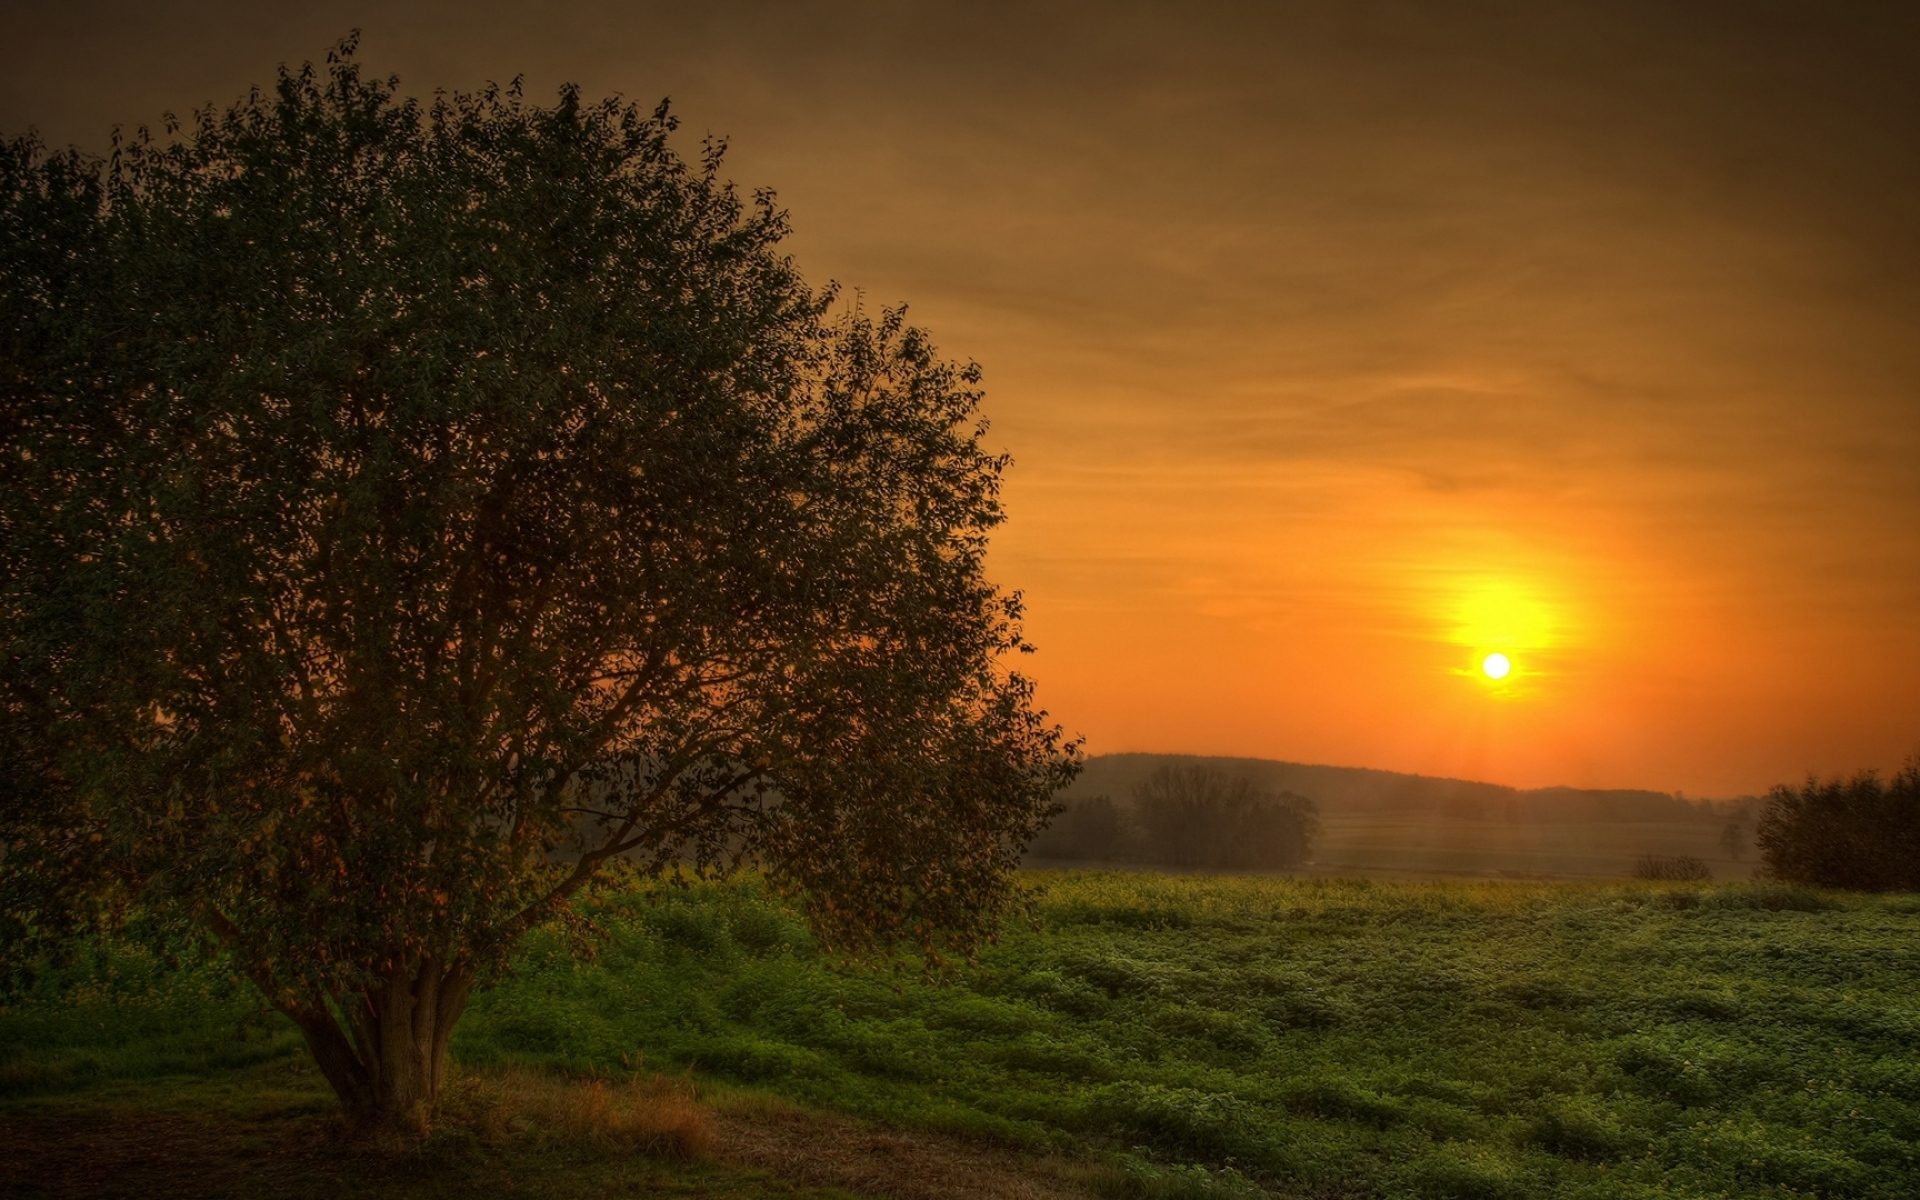 закат, деревья, зелень без смс